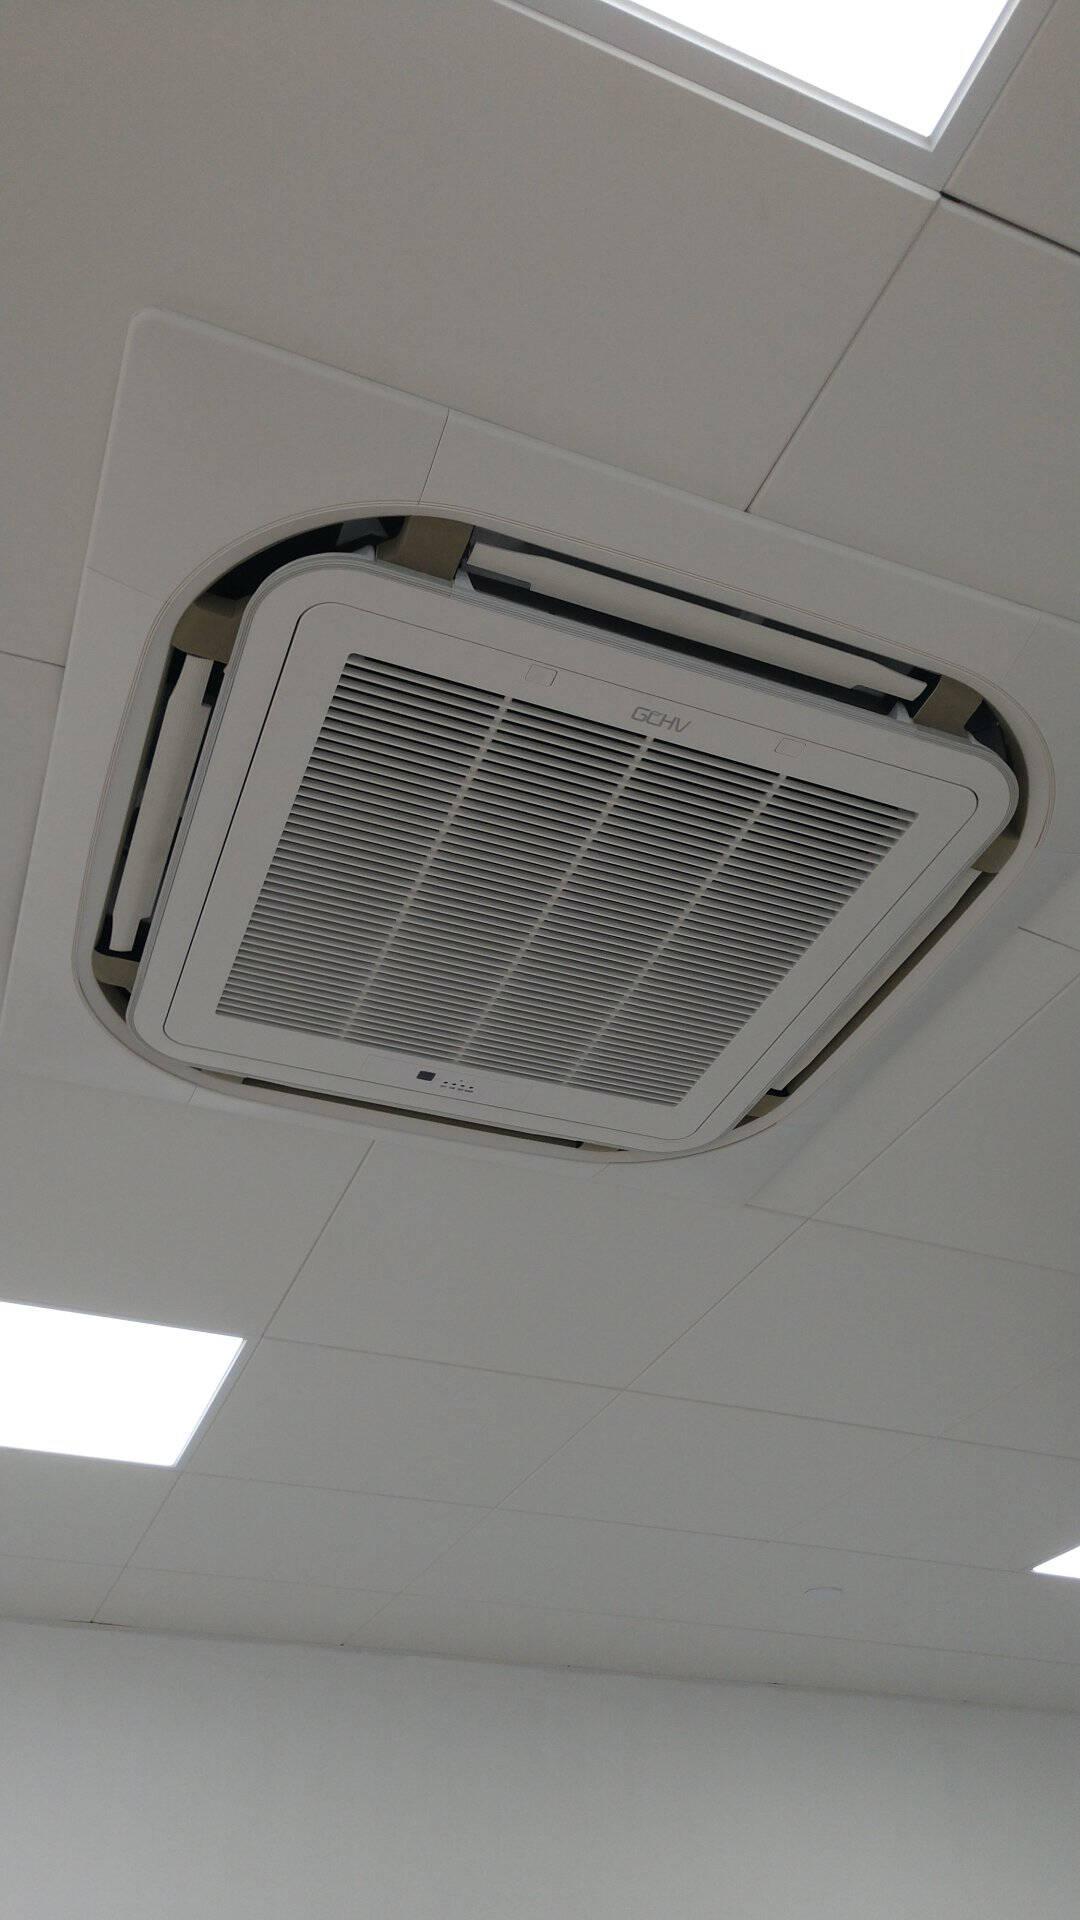 志高(CHIGO)3匹天花机吸顶空调天井机中央空调单冷220V八面出风适用32-50㎡LF72Q3W-R1Y-Q303(C3)